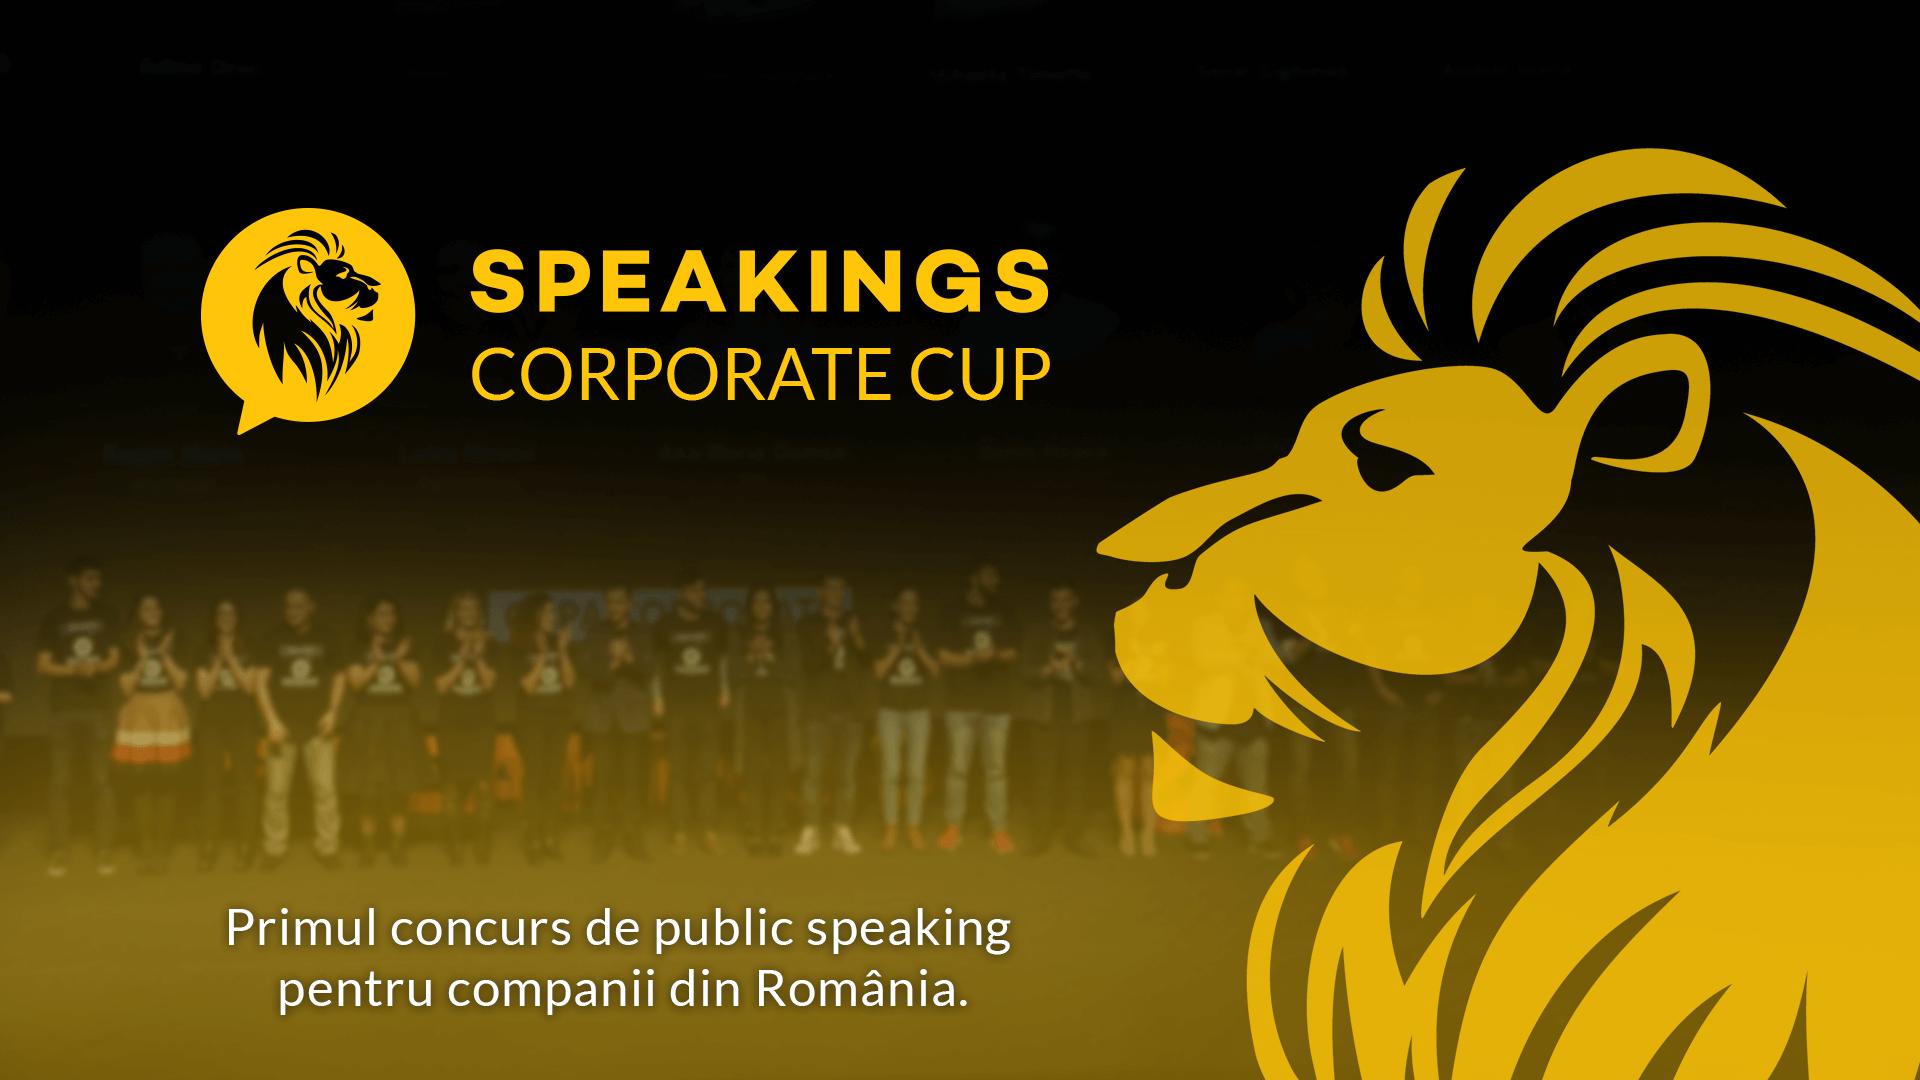 Speakings Corporate Cup